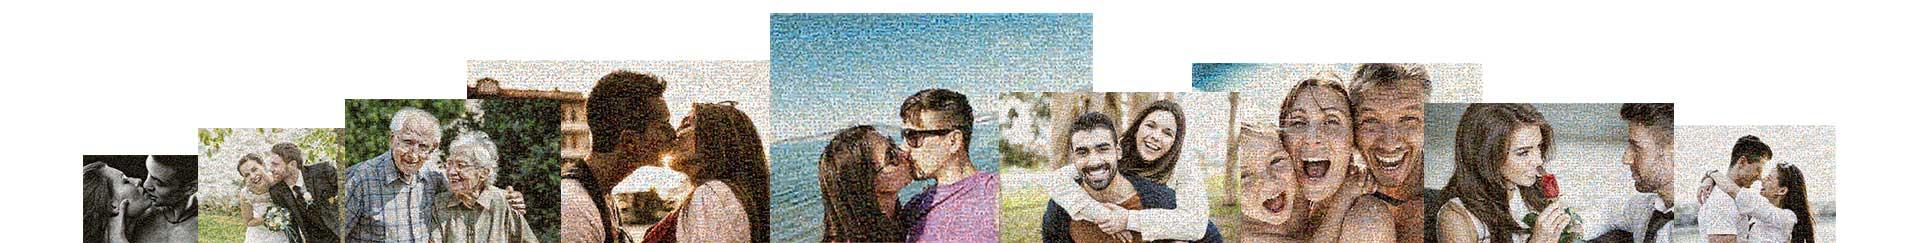 fotomozaika mozaika ze zdjęć portfolio mozaik